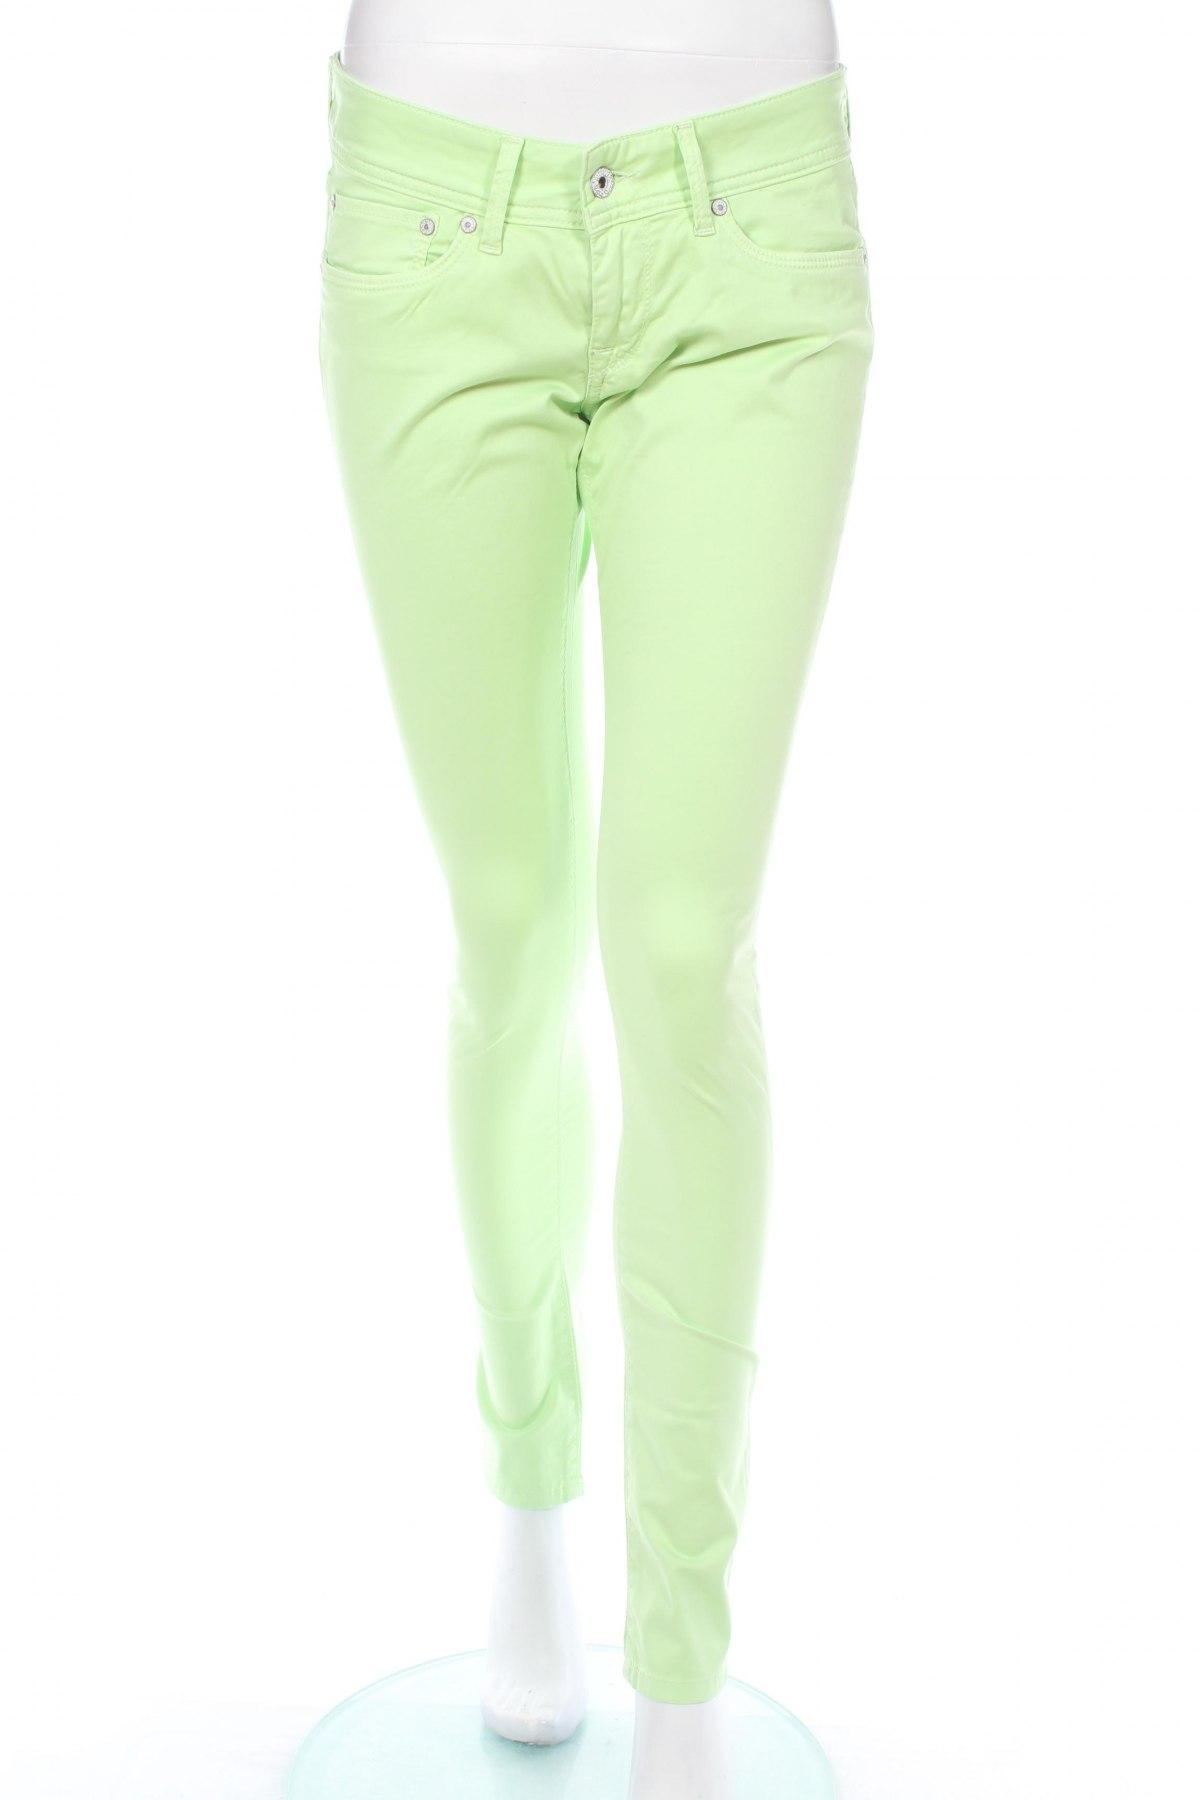 88283ba6ef62 Dámské kalhoty Pepe Jeans - koupit za vyhodné ceny na Remix -  103462489